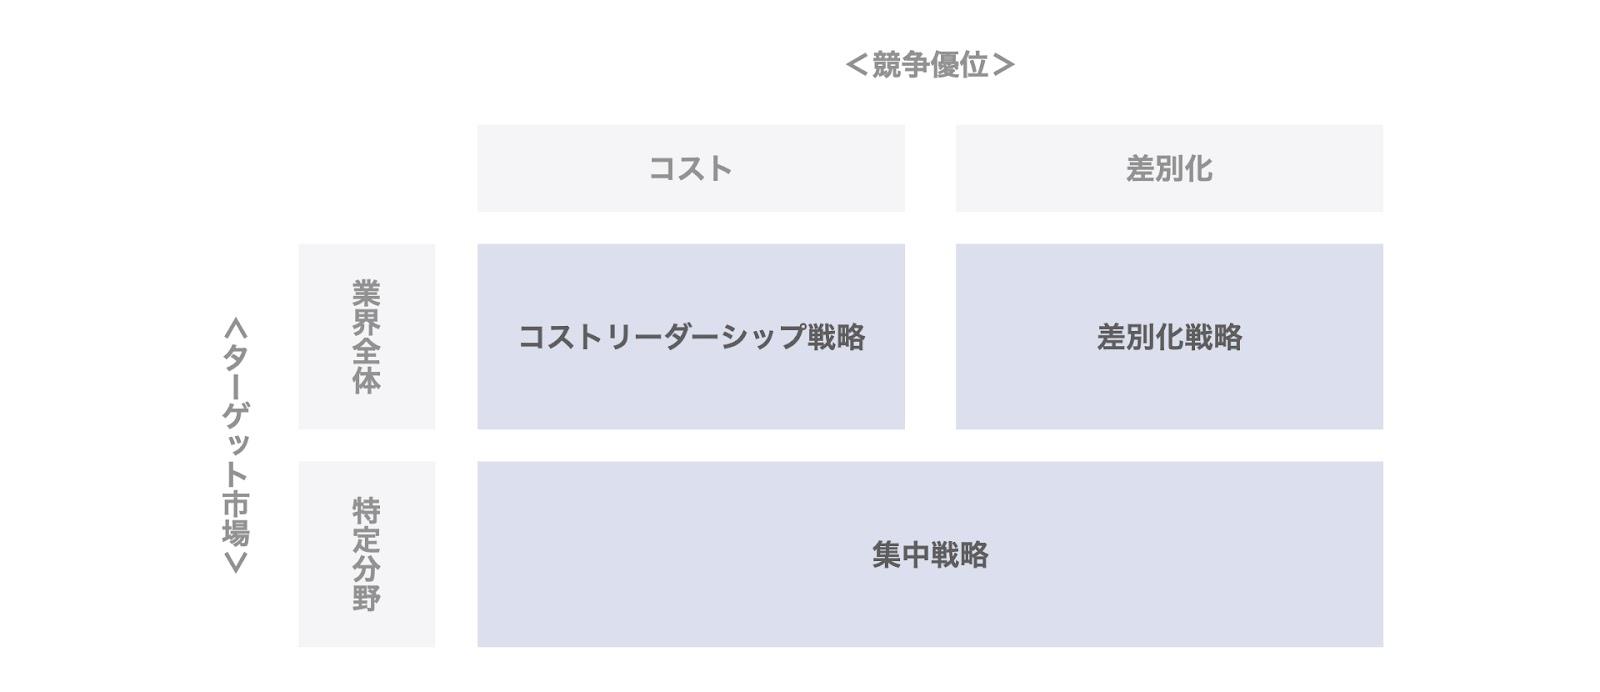 ポーターの3つの基本戦略の分類